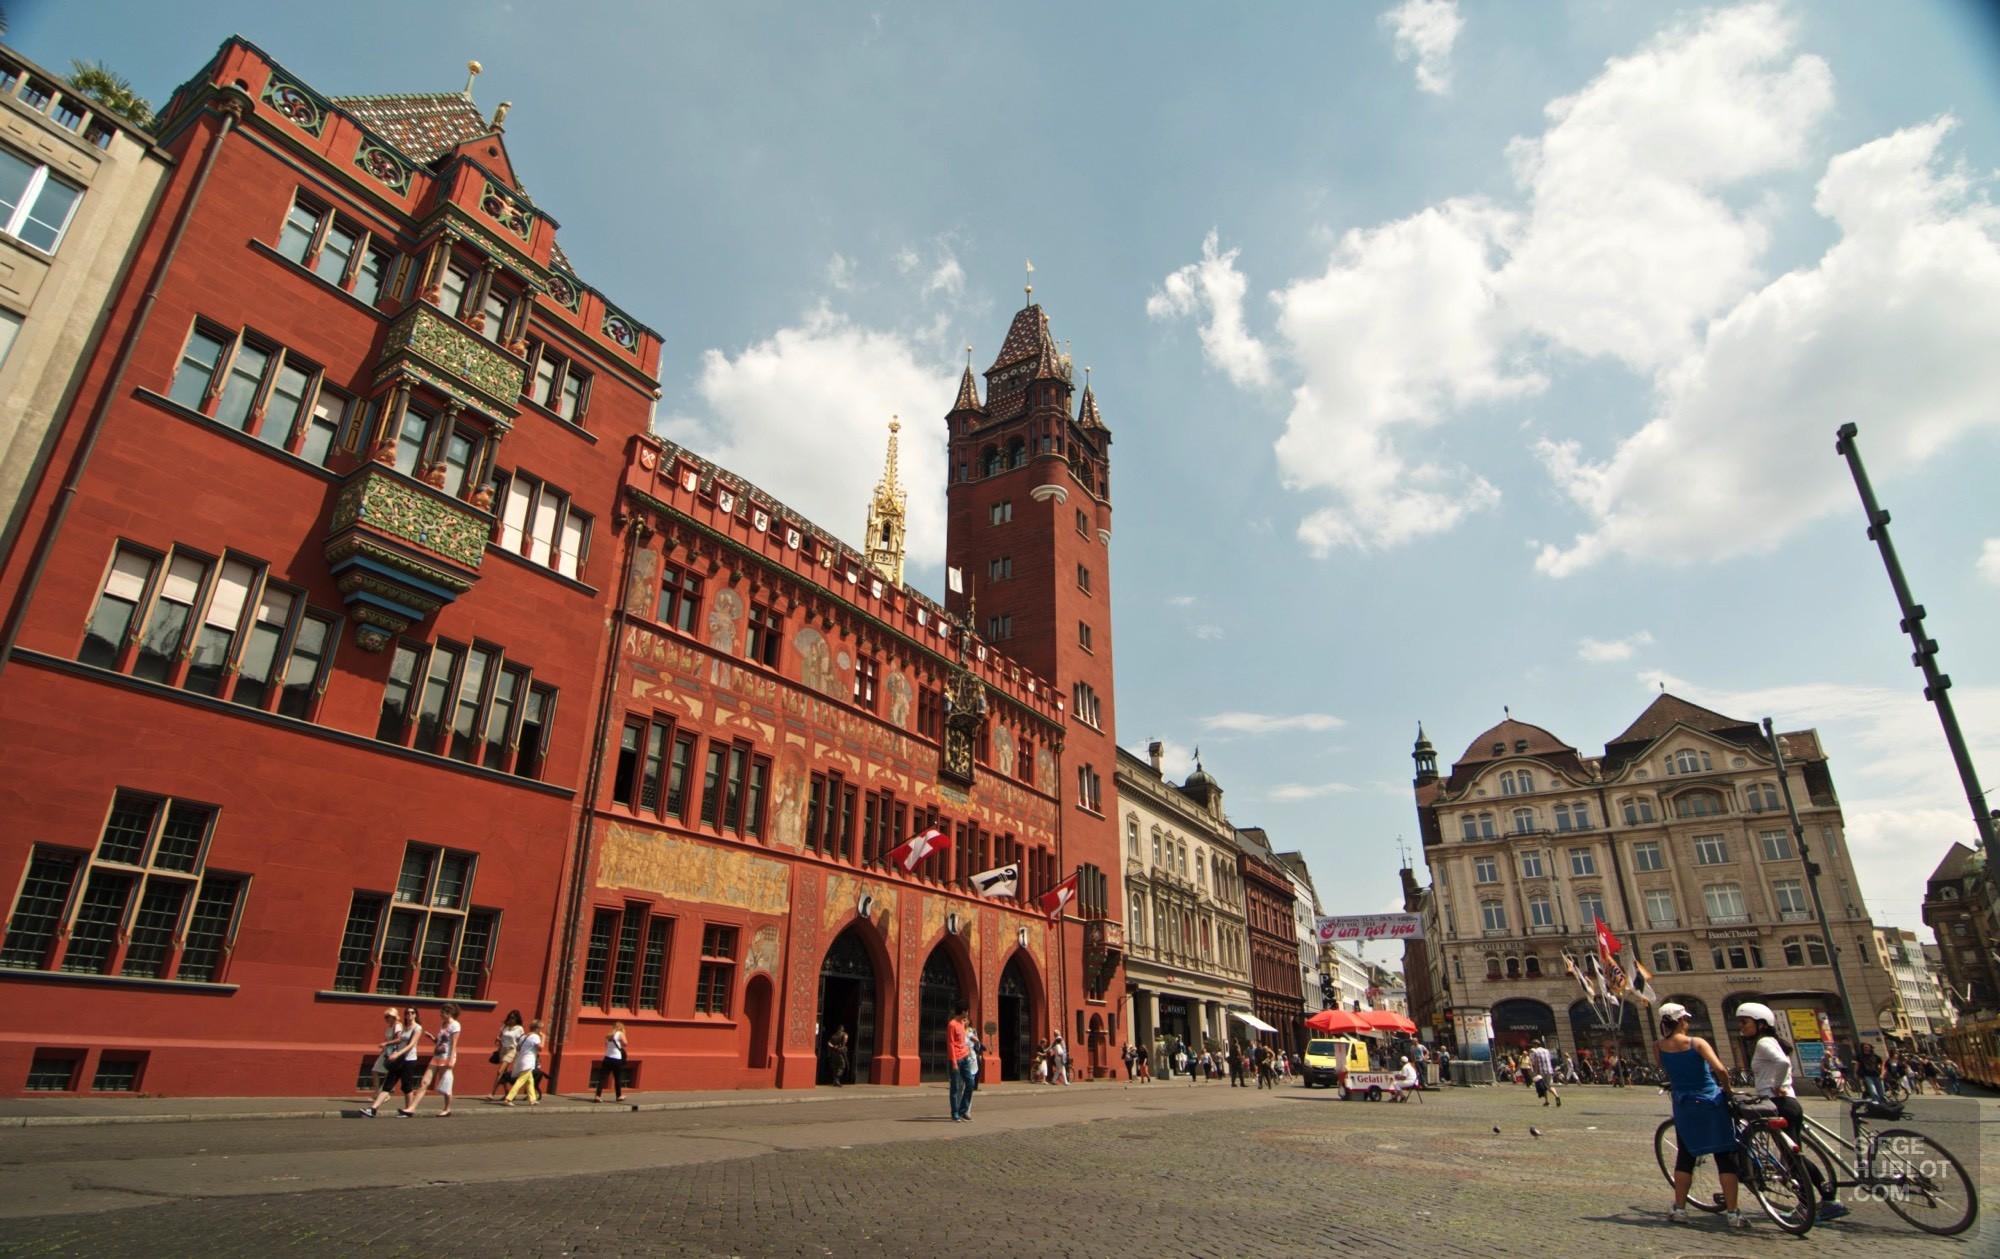 Bâle, une ville au cœur de trois pays - suisse, europe, entete-de-categorie, destinations